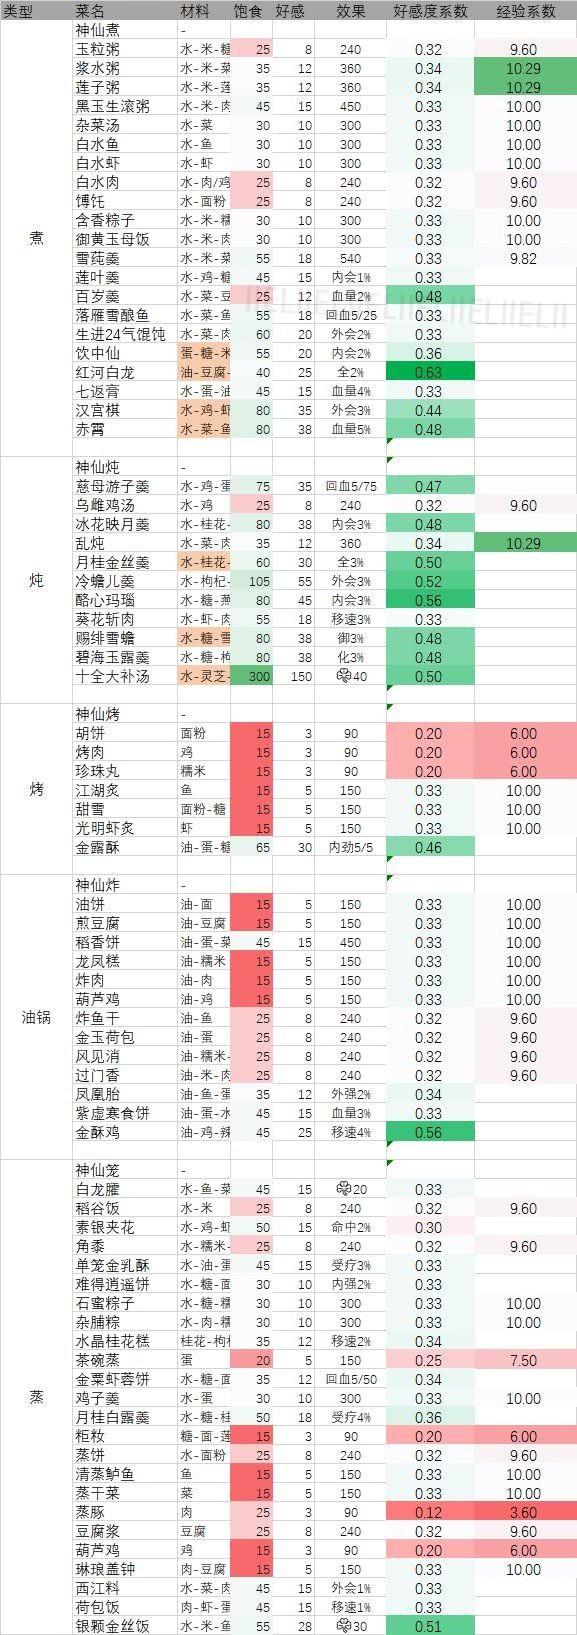 剑网3指尖江湖最新版菜谱汇总表